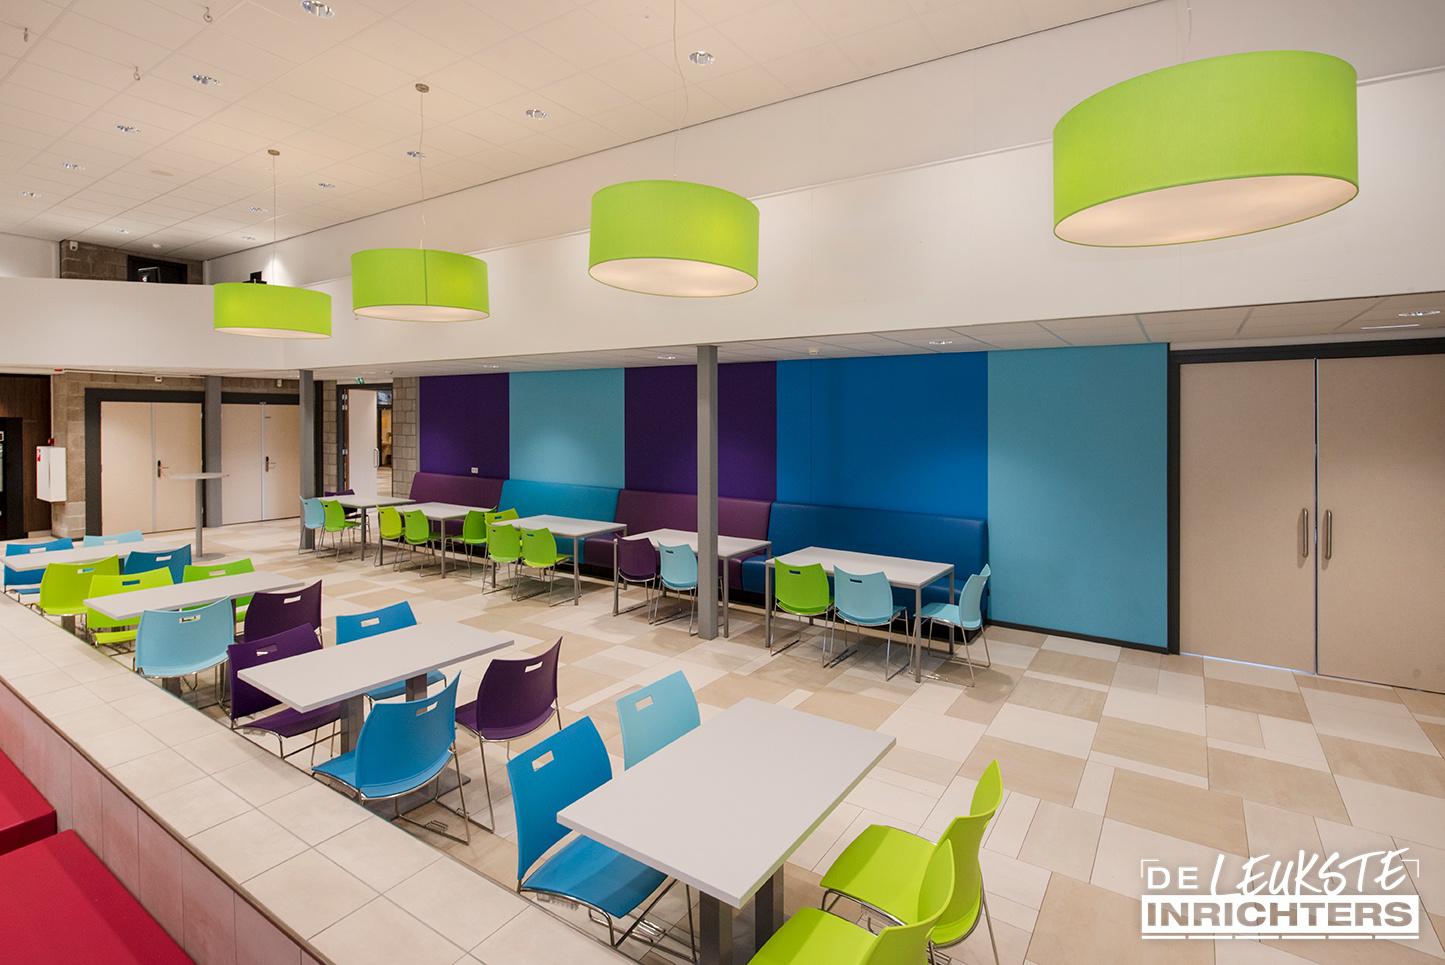 Alfrink aula hal gang ontwerp inrichting 7